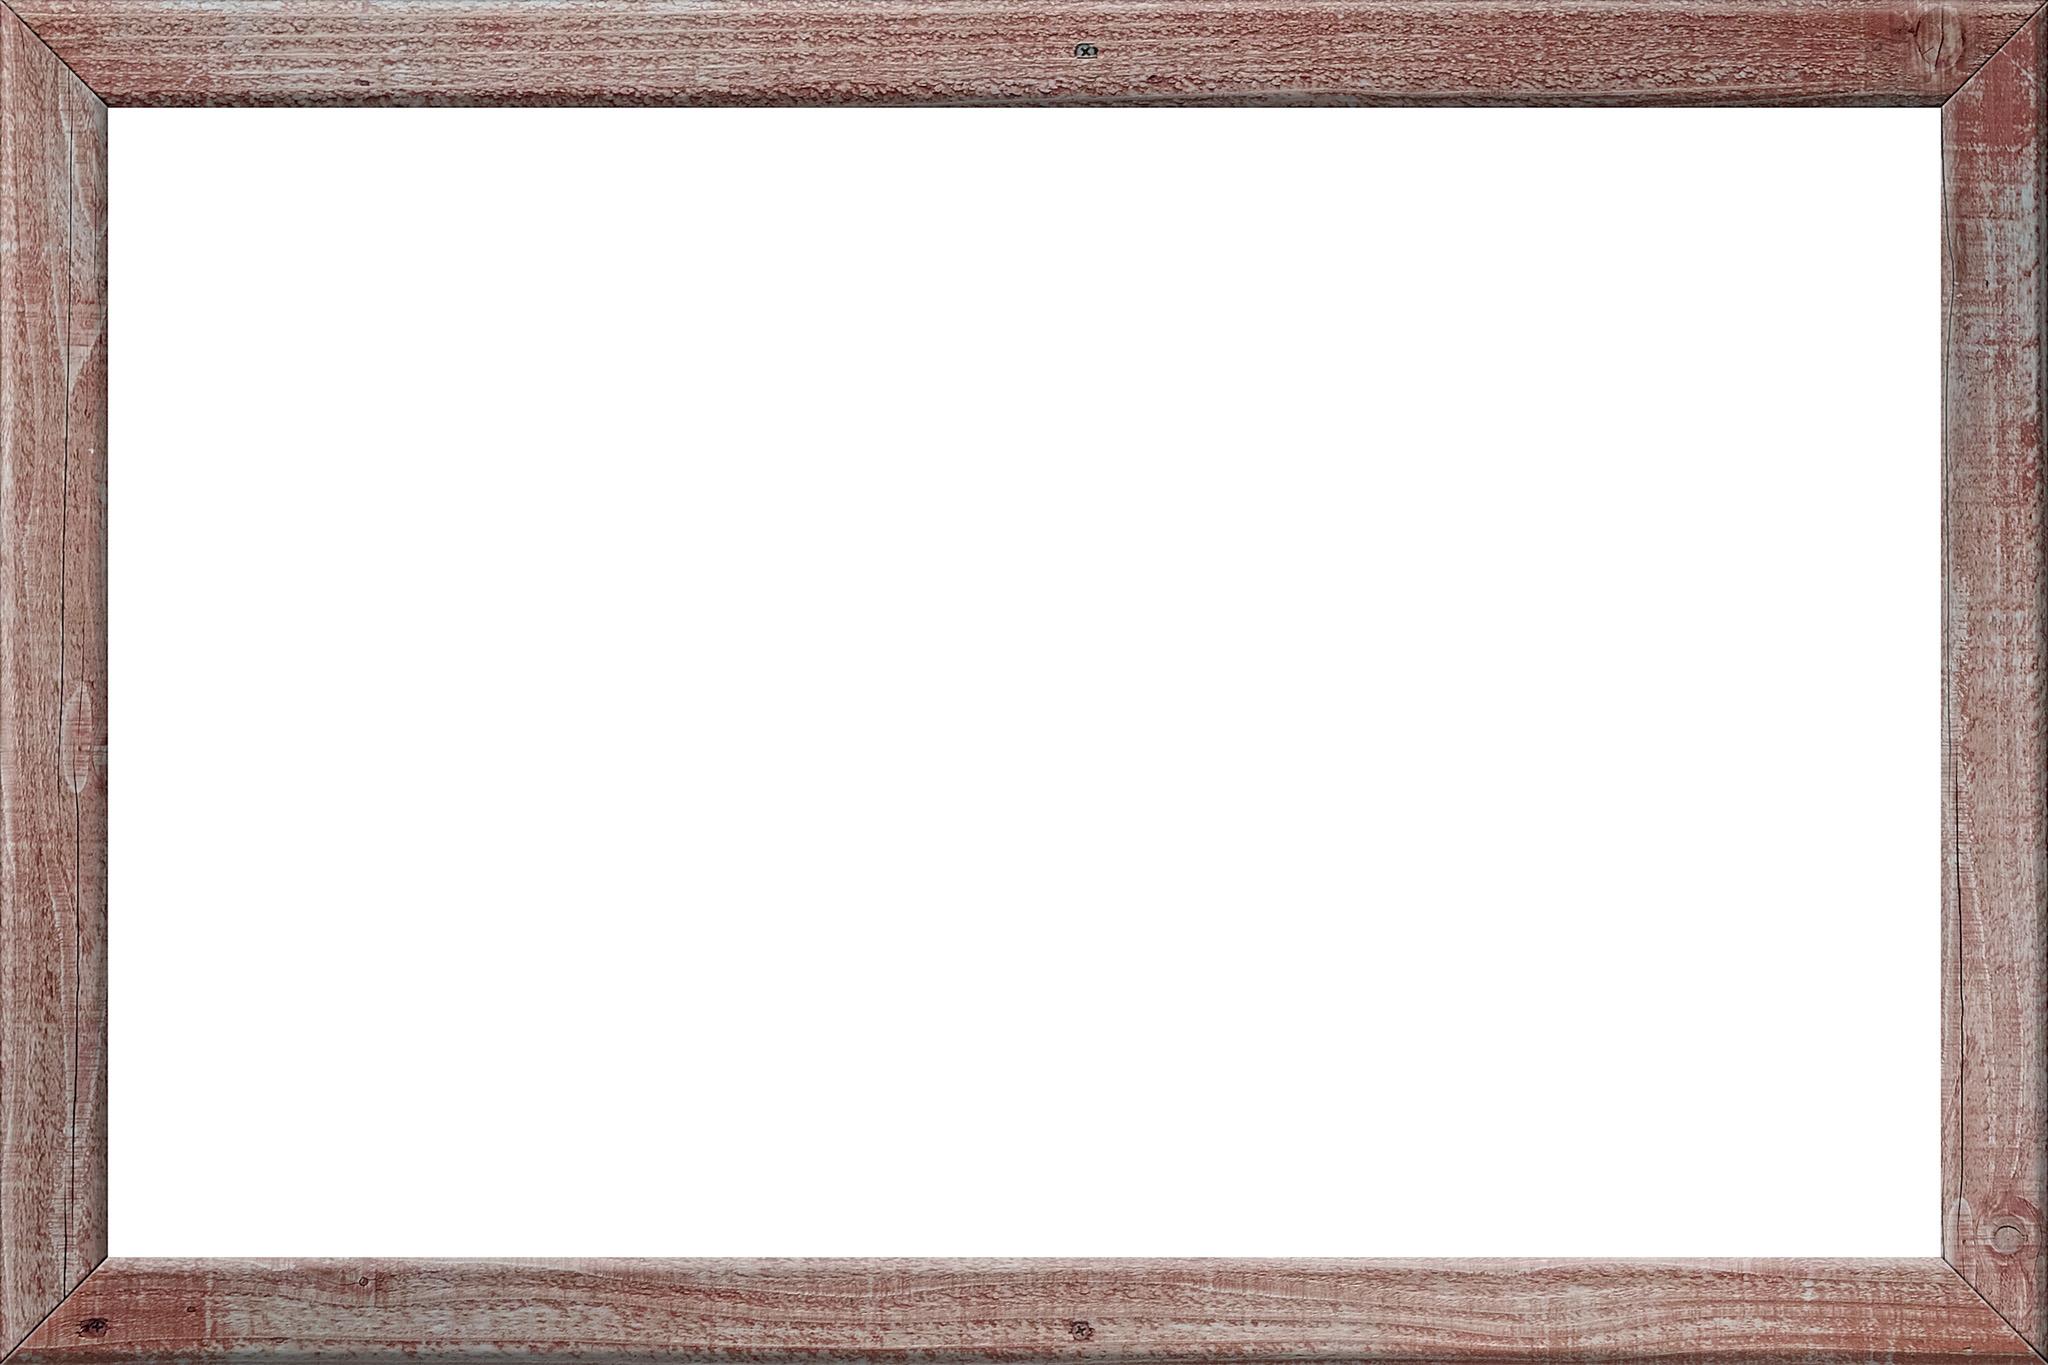 「手作り風の木製フレーム」の画像を無料ダウンロード